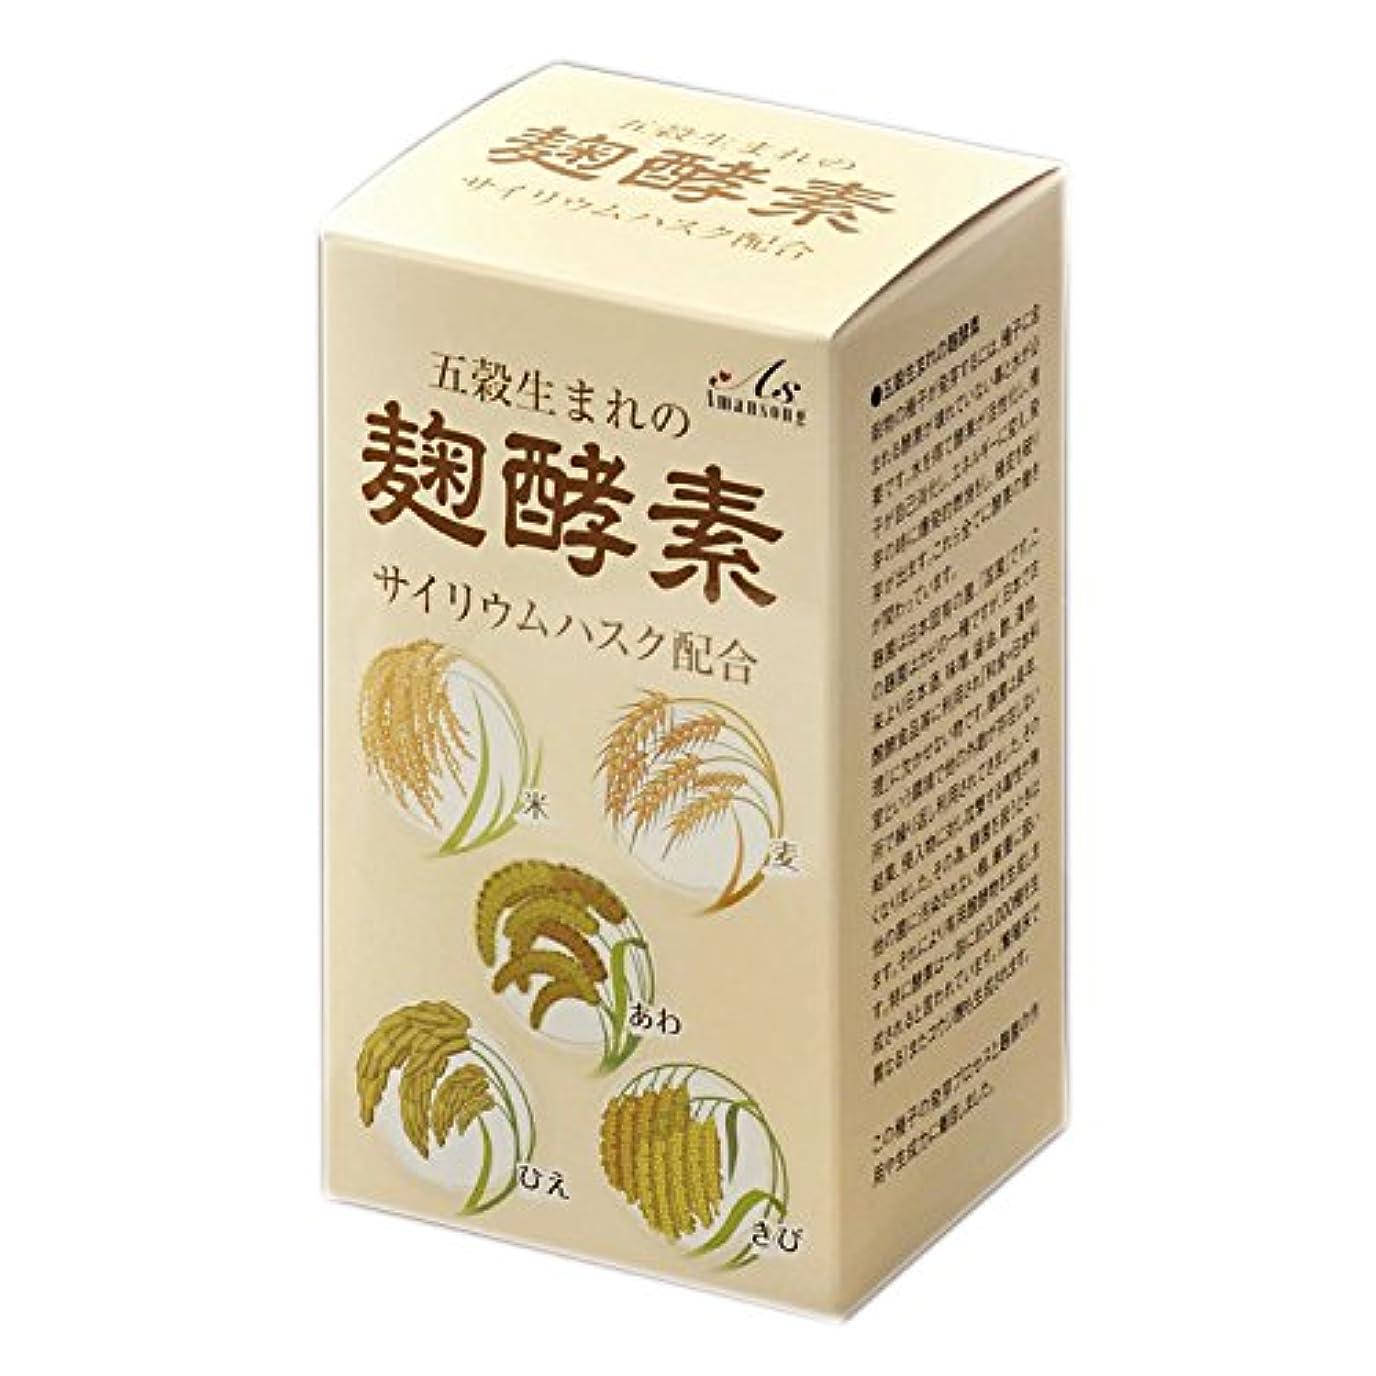 手入れ小包分類するA?S 五穀生まれの麹酵素 ヨーグルト風味で、活きた酵素を手軽に摂取 30包入り